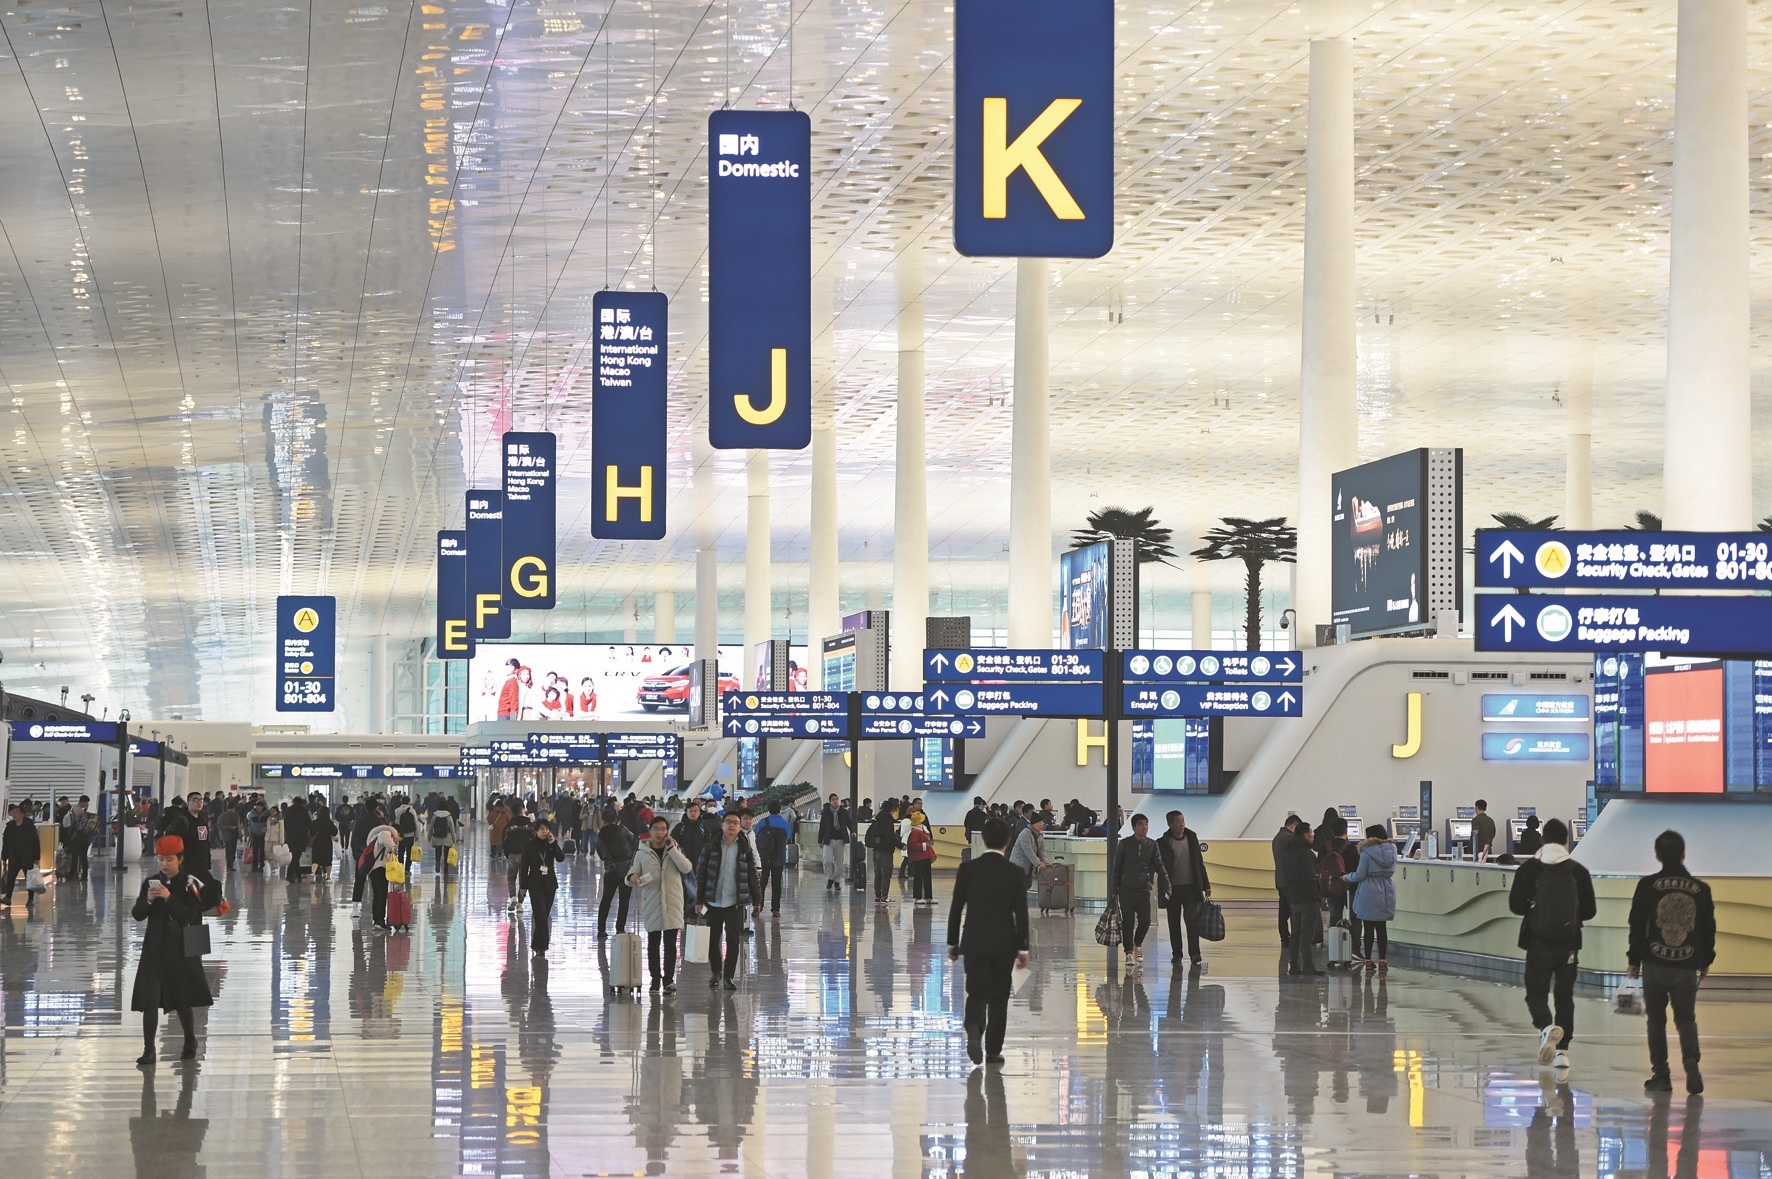 武汉天河机场去年客运增幅全国第一 国际业务蝉联中部榜首 沛县招聘网